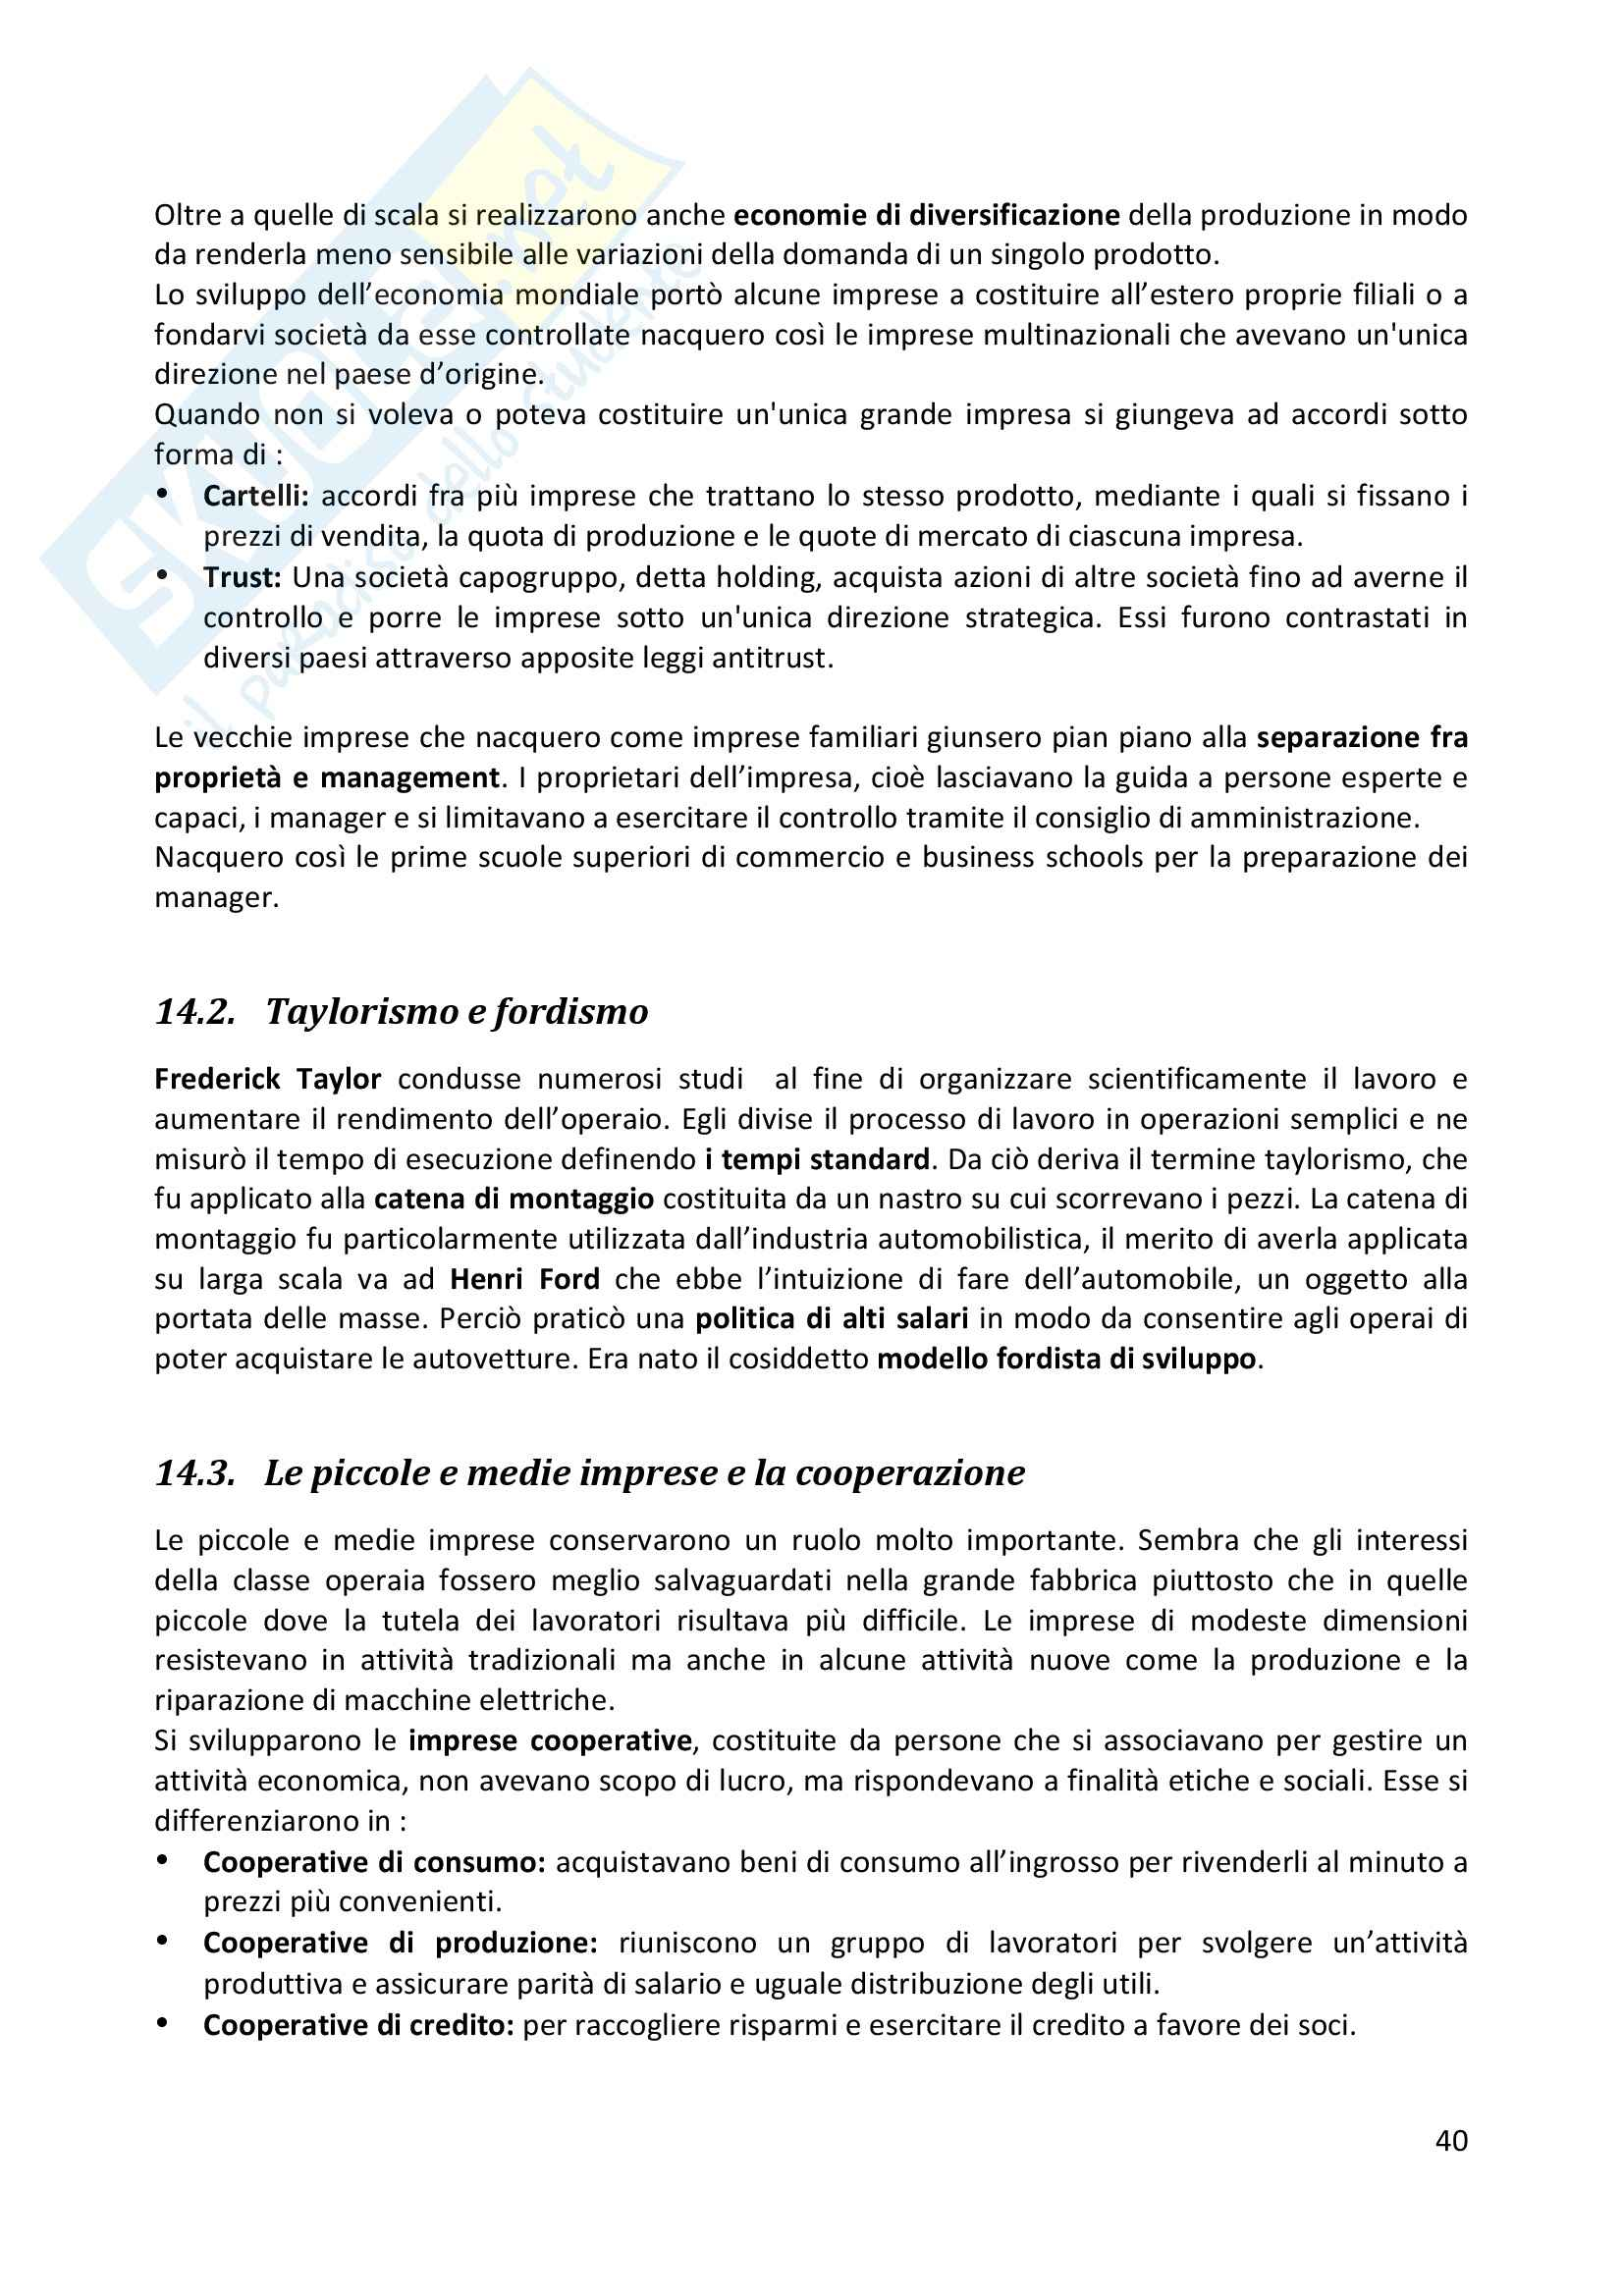 Riassunto esame completo per paragrafi- Storia Economica De Simone, prof. Di Taranto Pag. 41